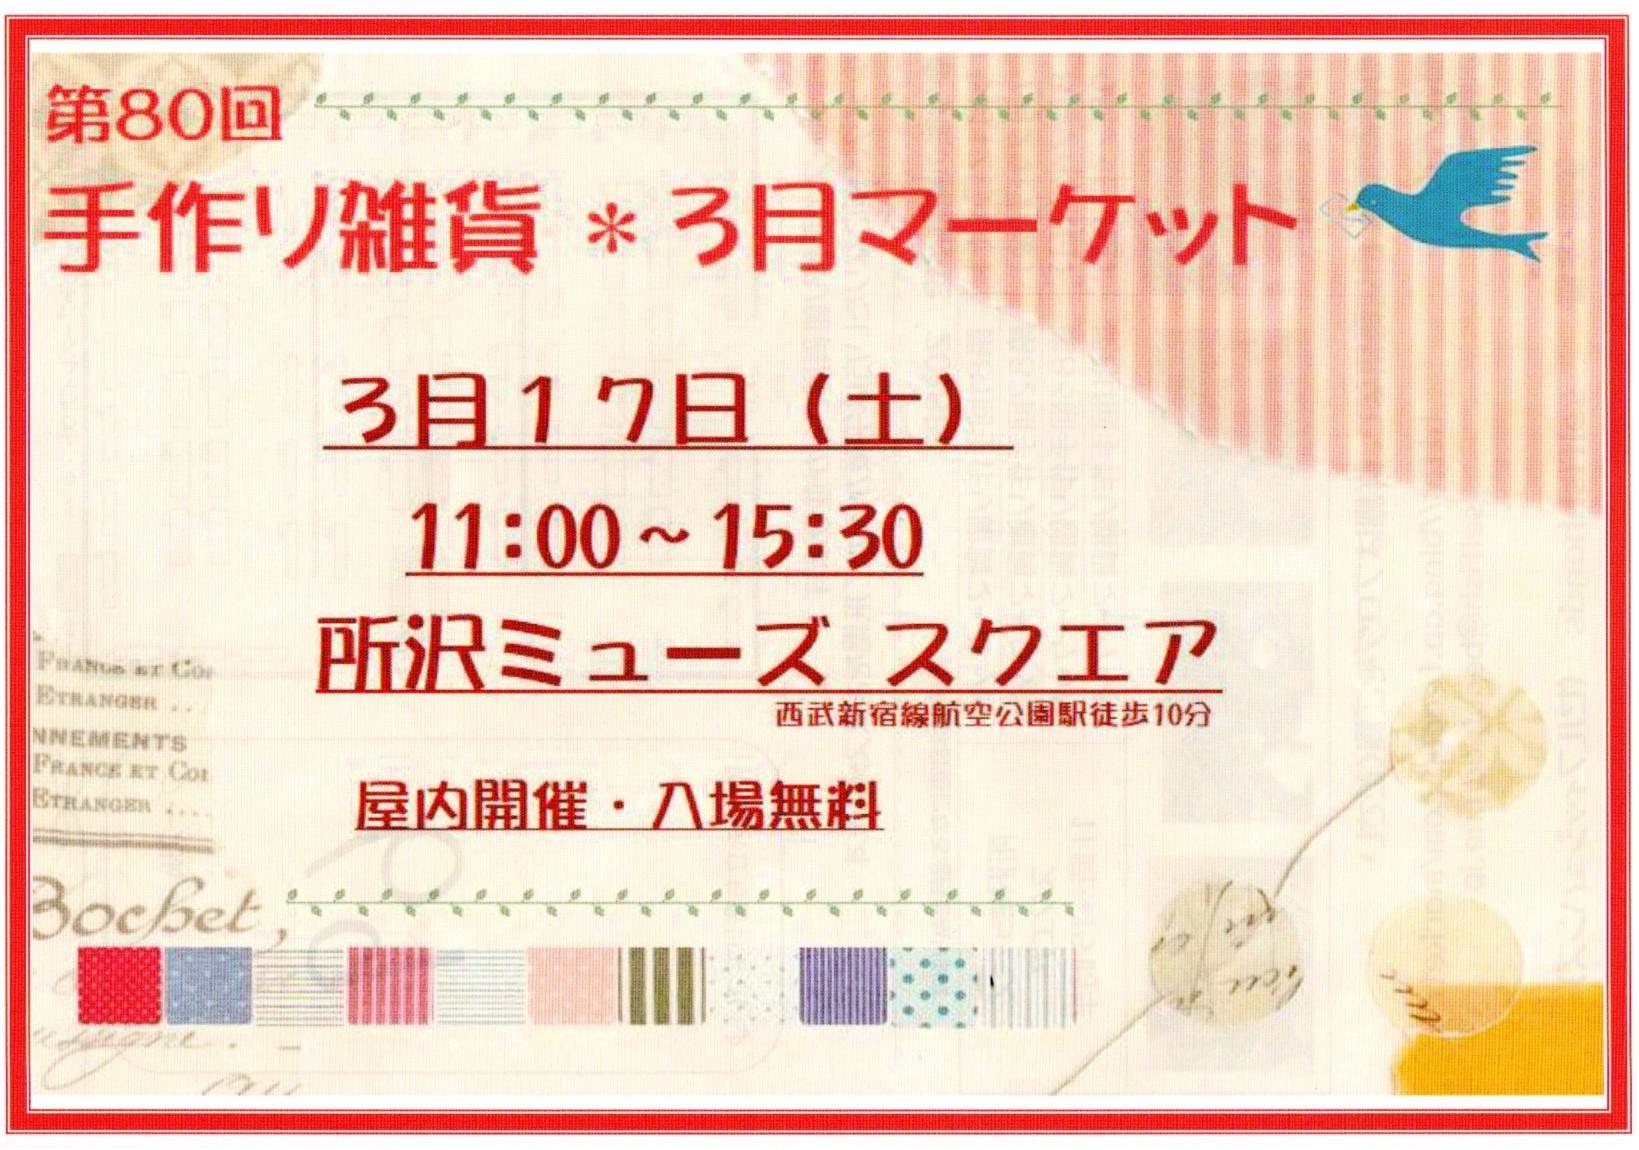 3/17(土)イベント出店